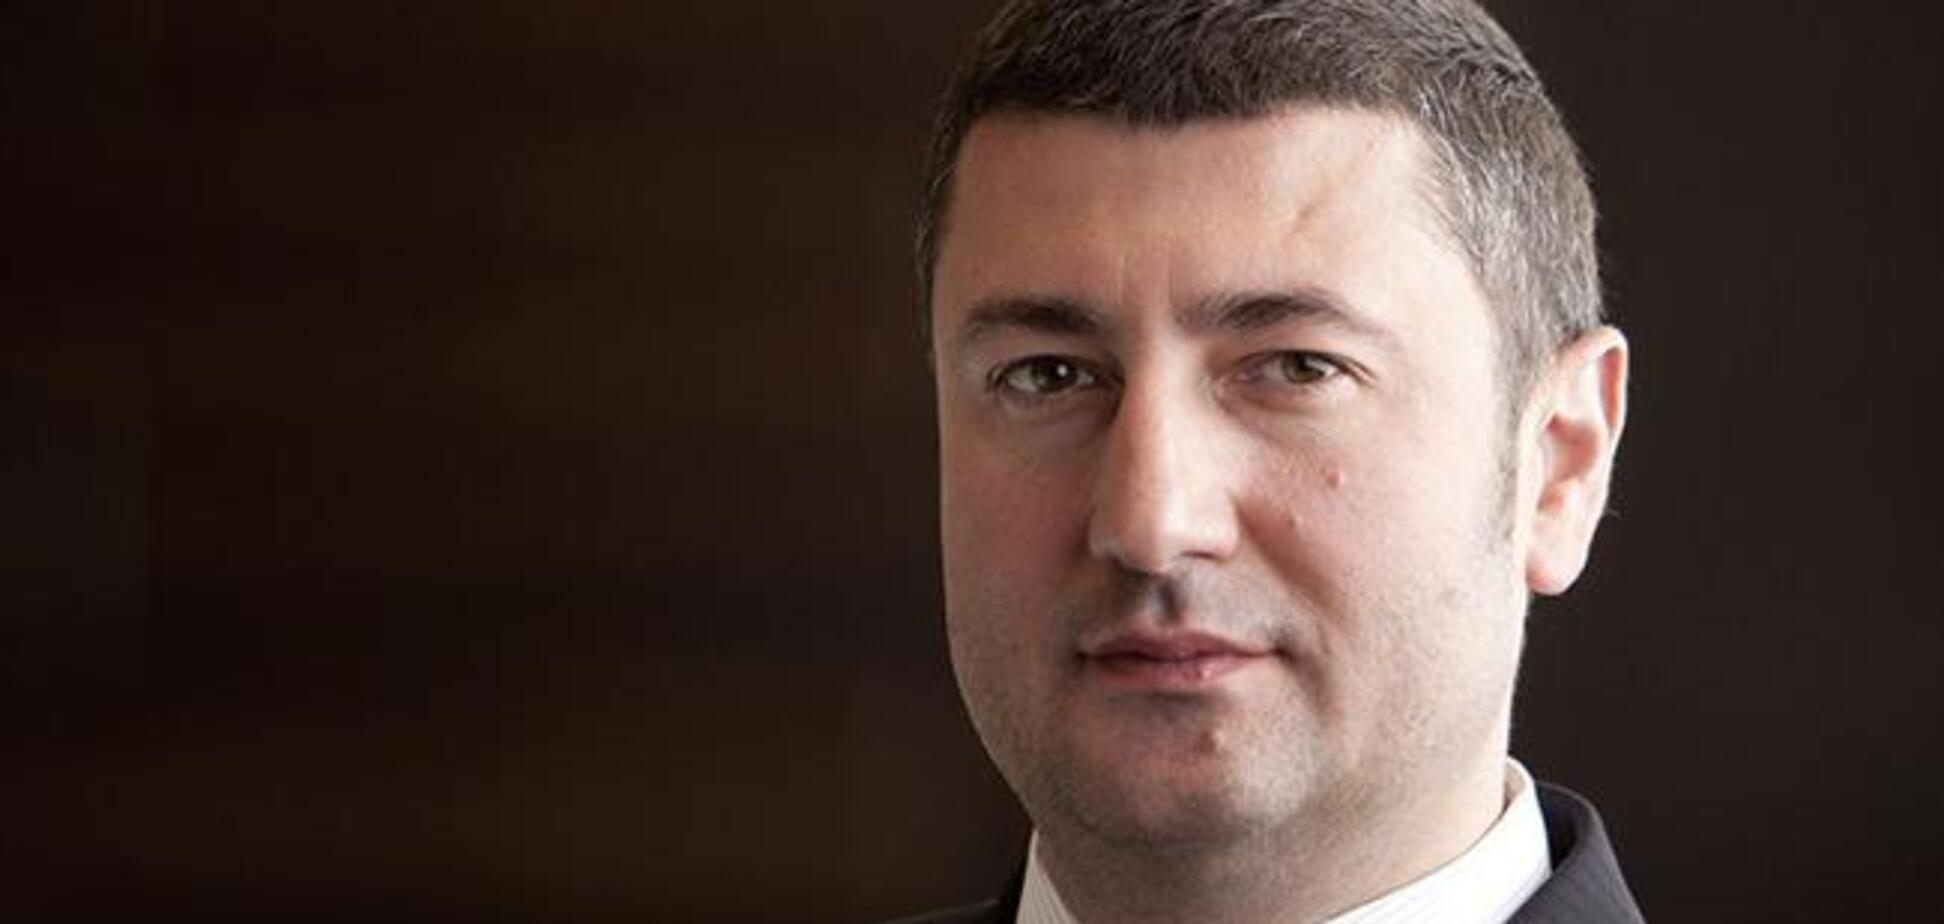 У нового дела НАБУ против VAB банка нет перспектив – Бахматюк